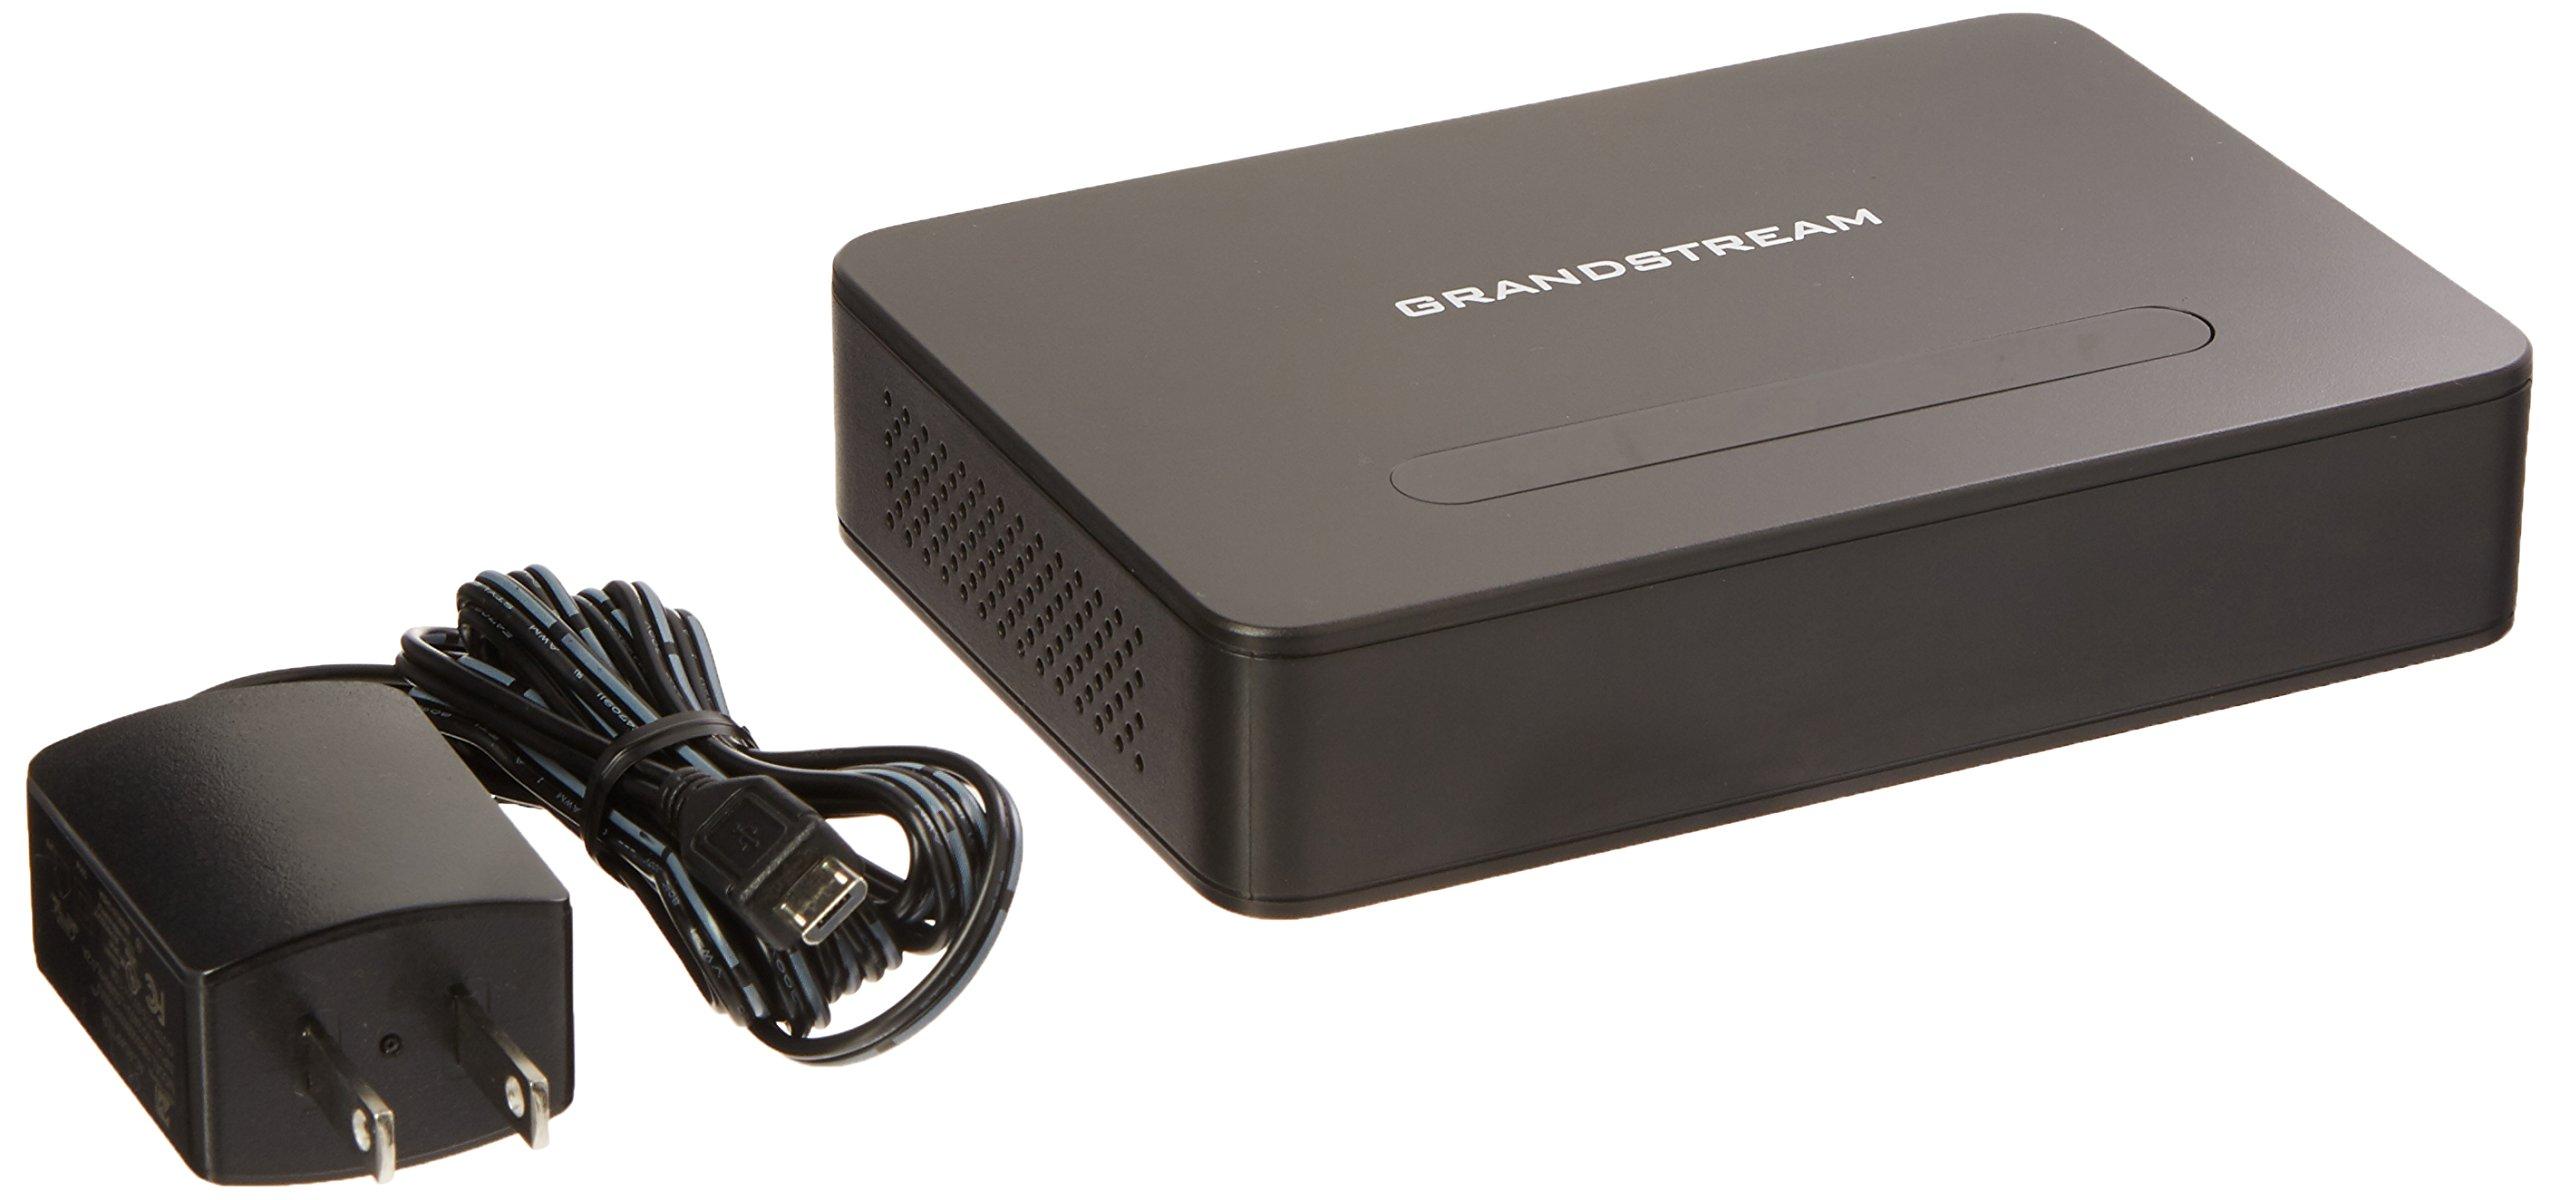 Grandstream DP750 DECT VoIP Base Station (Black) by Grandstream